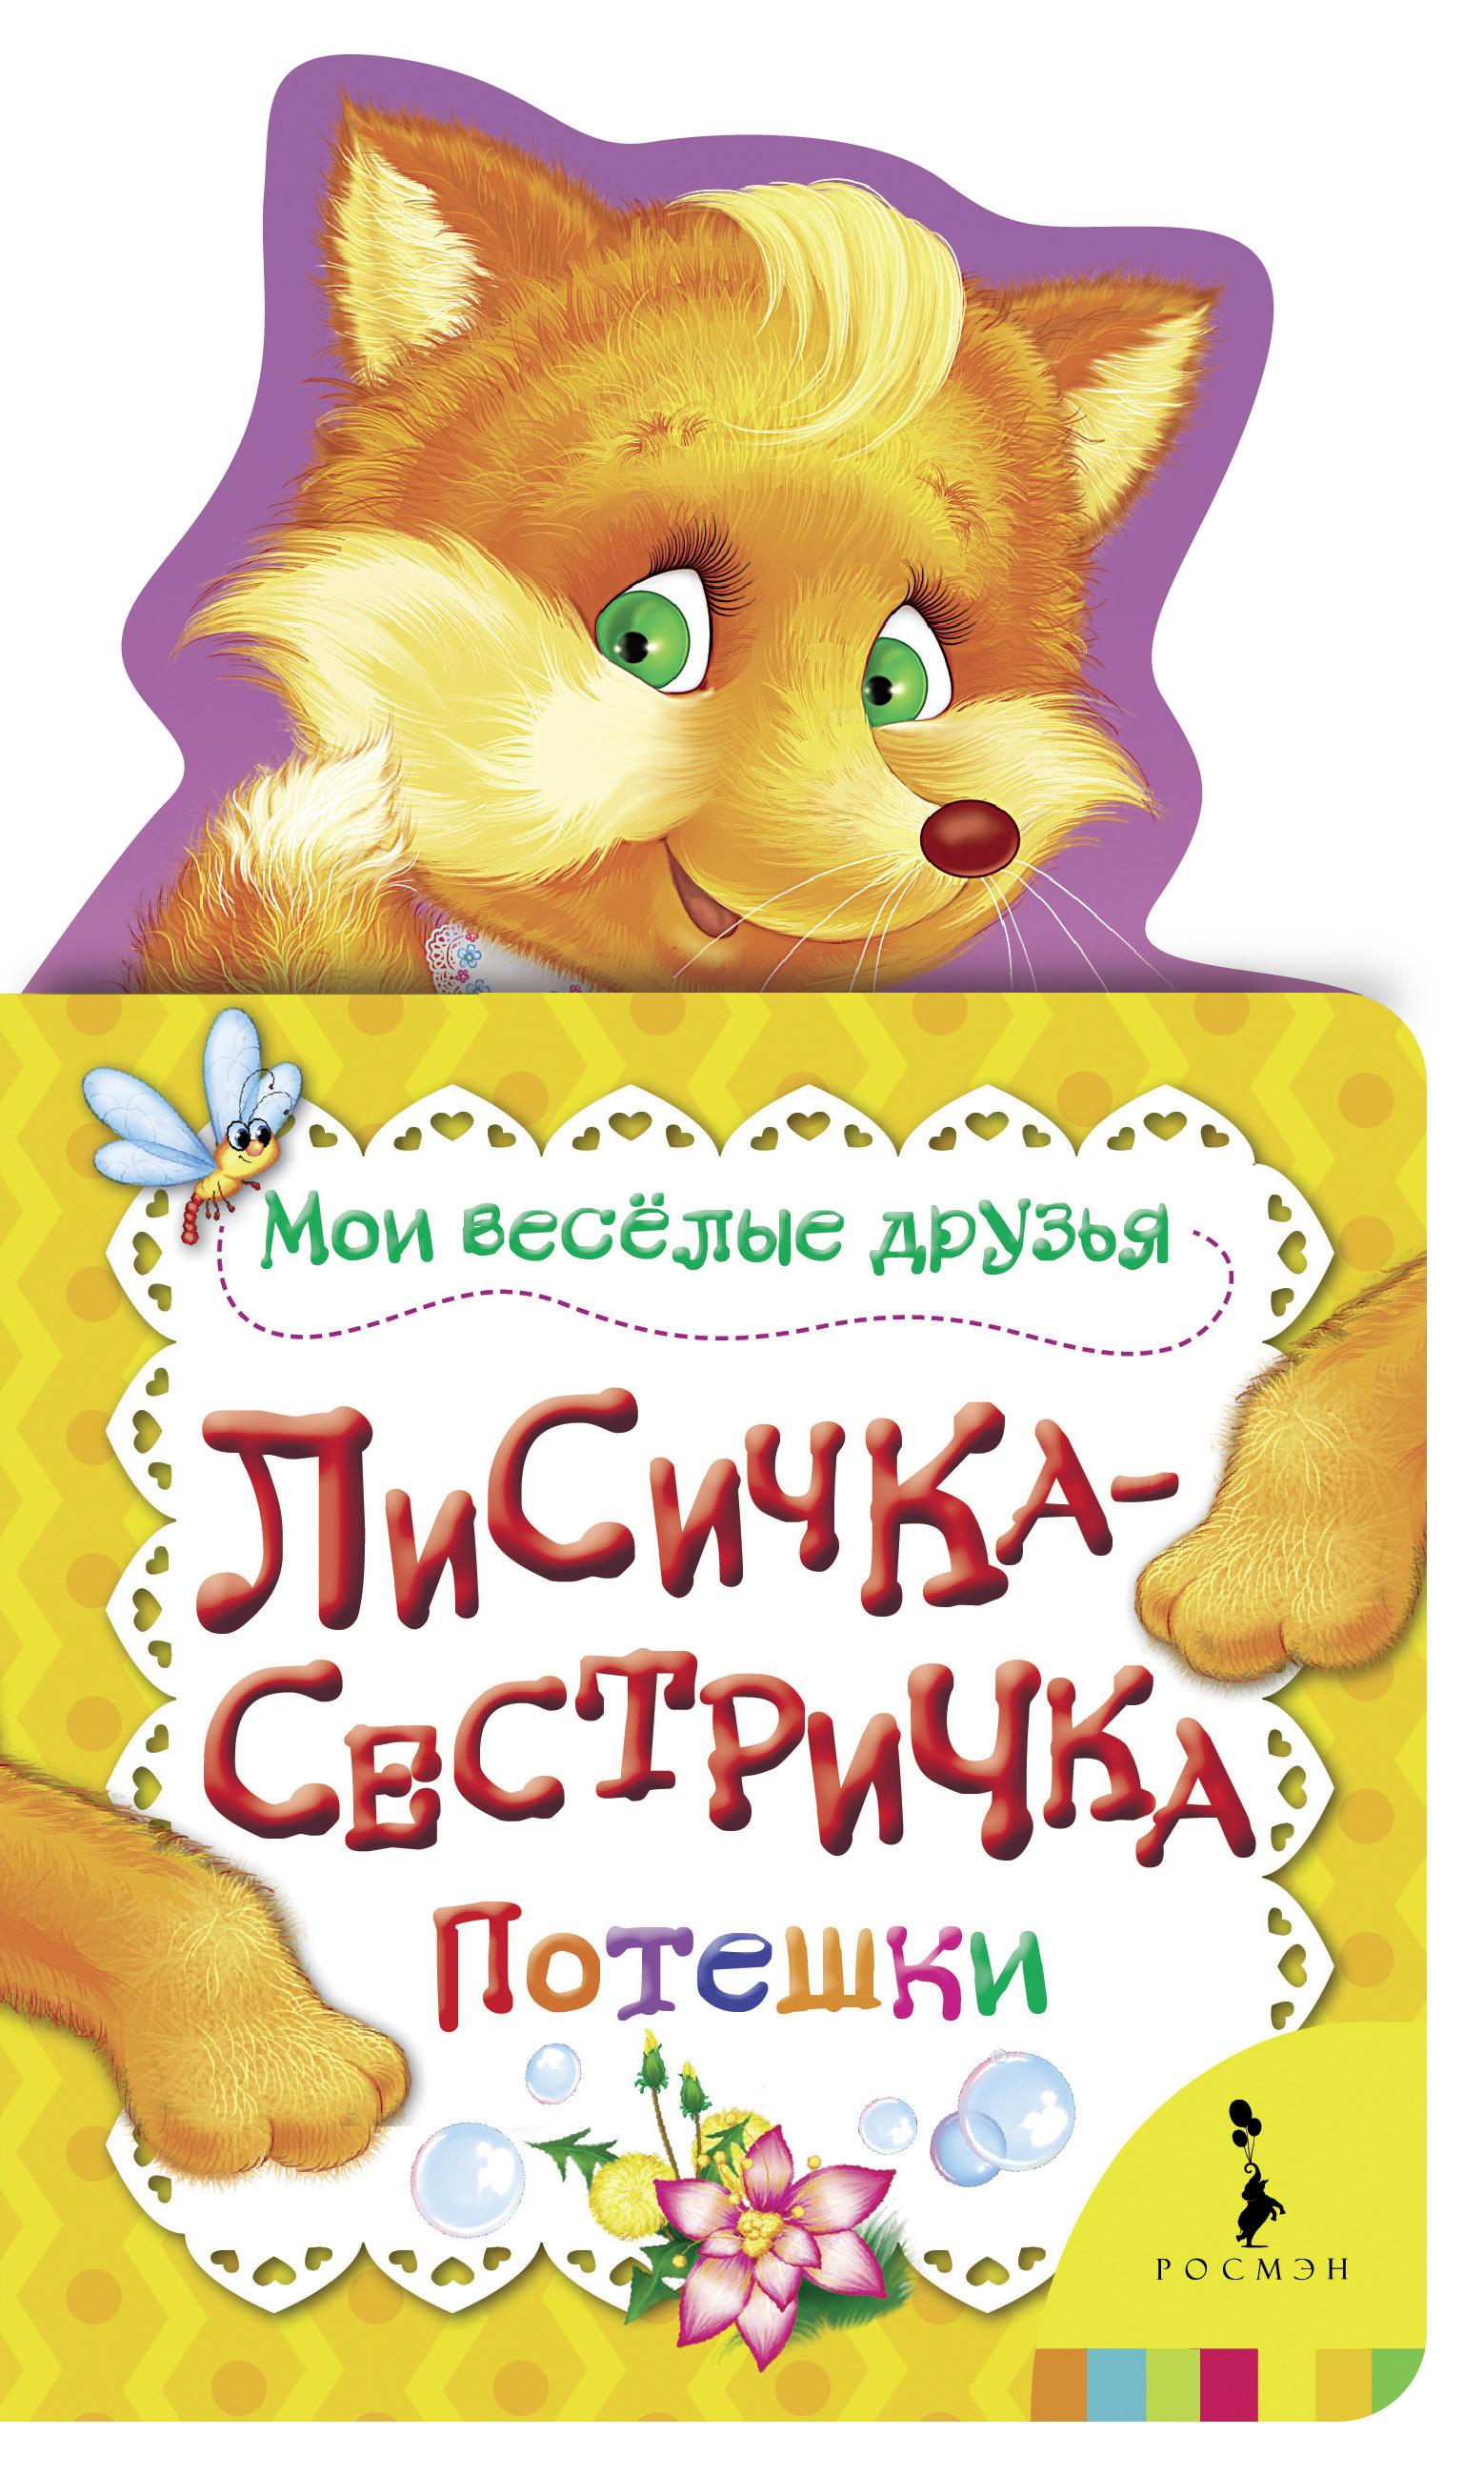 Мазанова Е. К. Лисичка-сестричка (Мои веселые друзья) (рос) цены